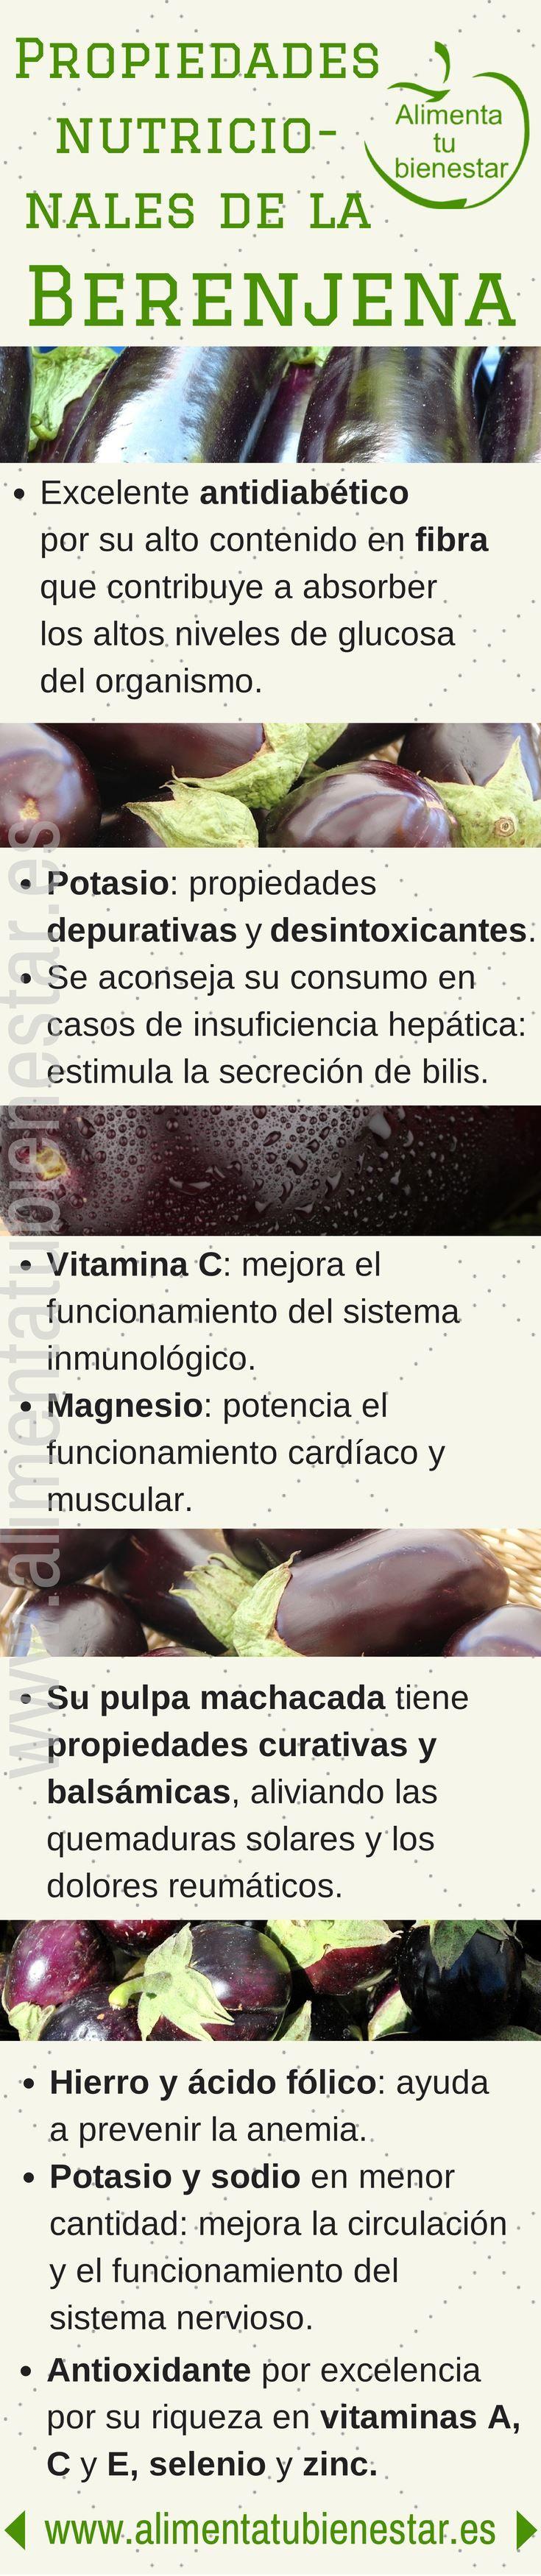 Verduras antioxidantes: propiedades del calabacín y de las berenjenas